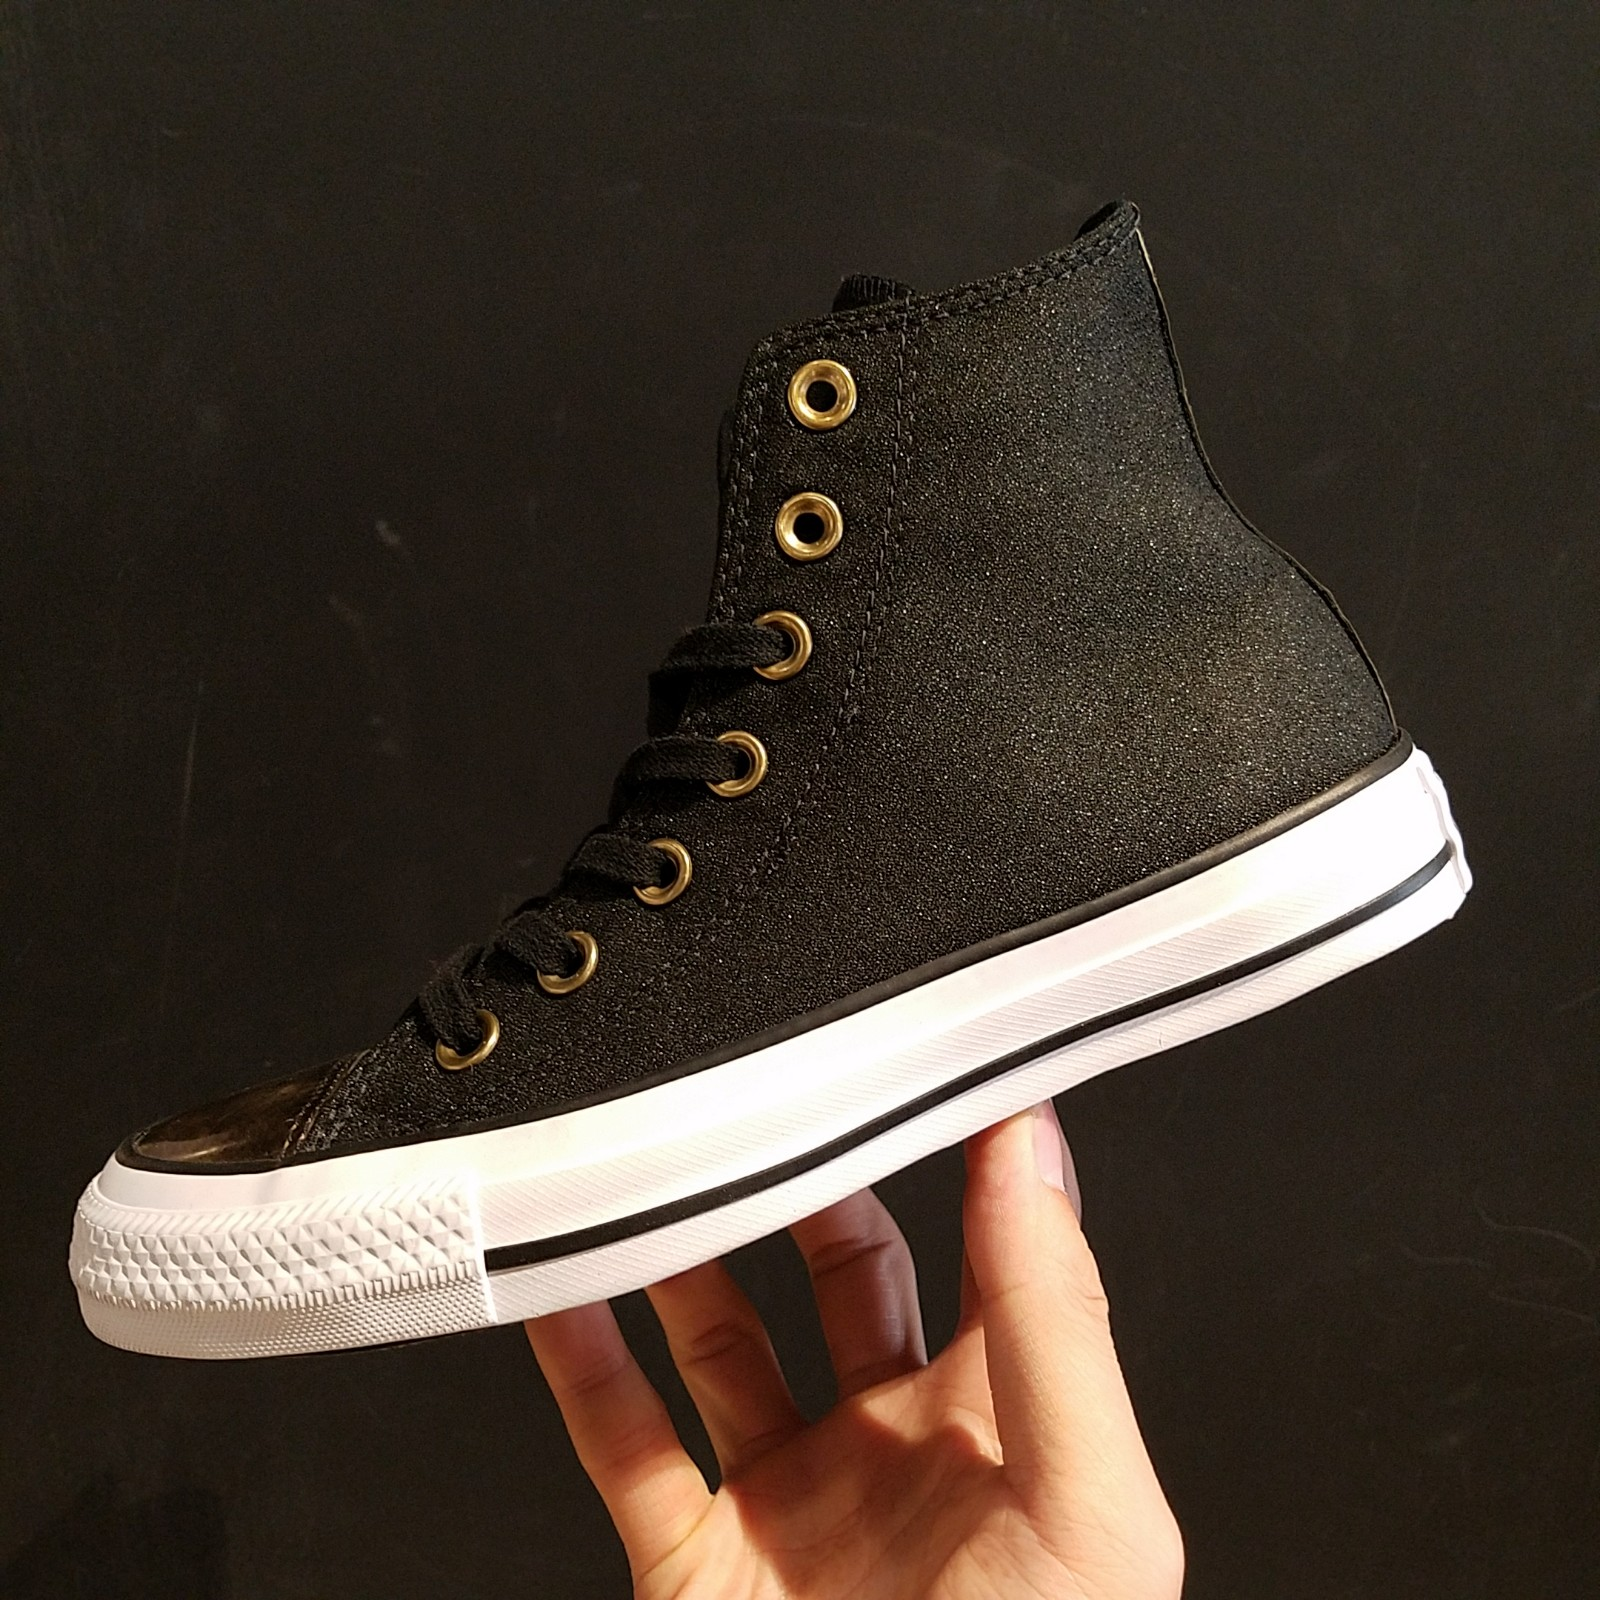 匡威新款帆布鞋 匡威新款女子ALL STAR金属色拼接高低帮休闲帆布鞋553305c_推荐淘宝好看的女匡威新款帆布鞋